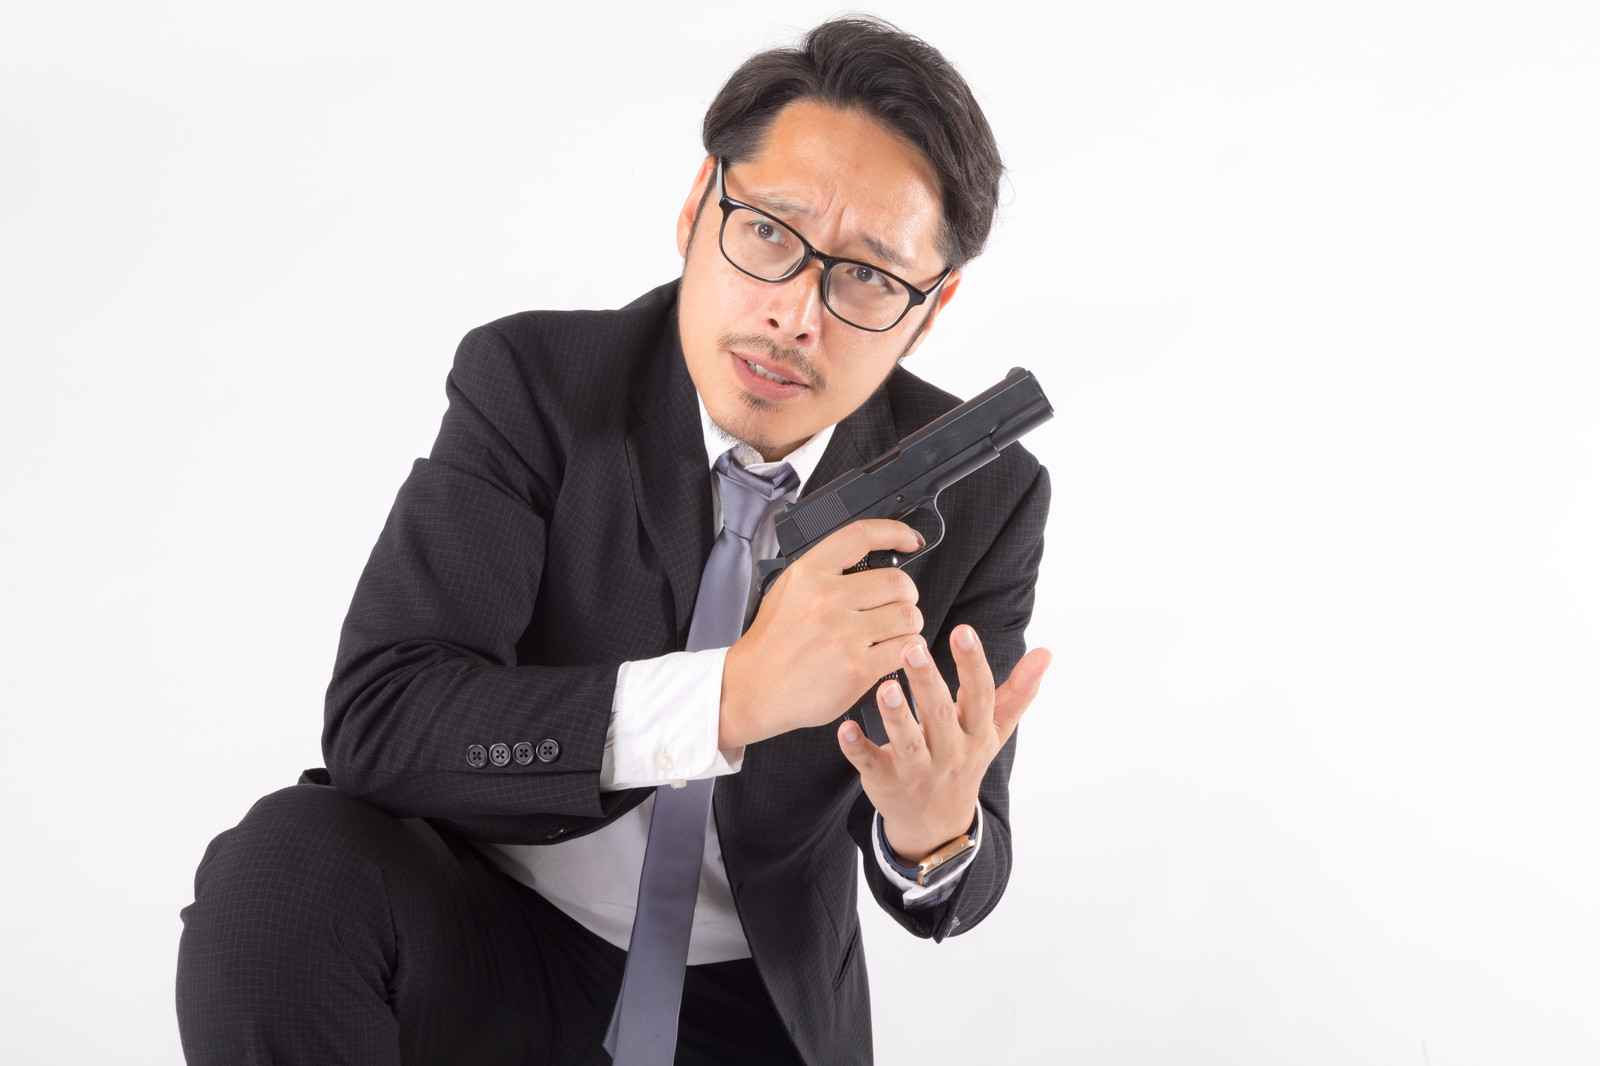 「辺りの様子をうかがいながら弾倉を装填する会社員」の写真[モデル:ゆうせい]